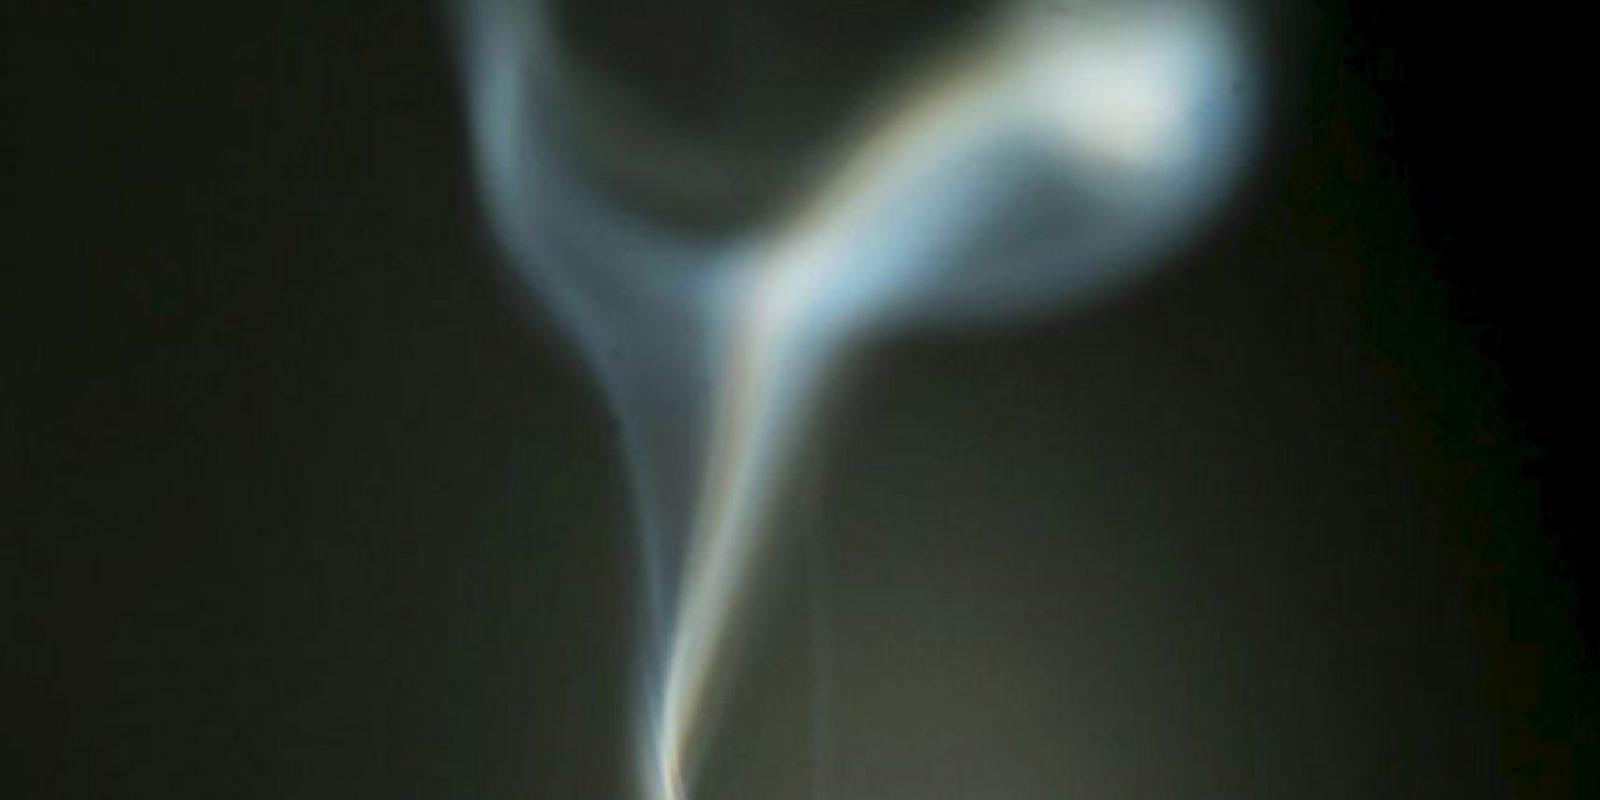 El tabaquismo se redujo 2,9% al trimestre y 12,2% al año. Foto:vía Getty Images